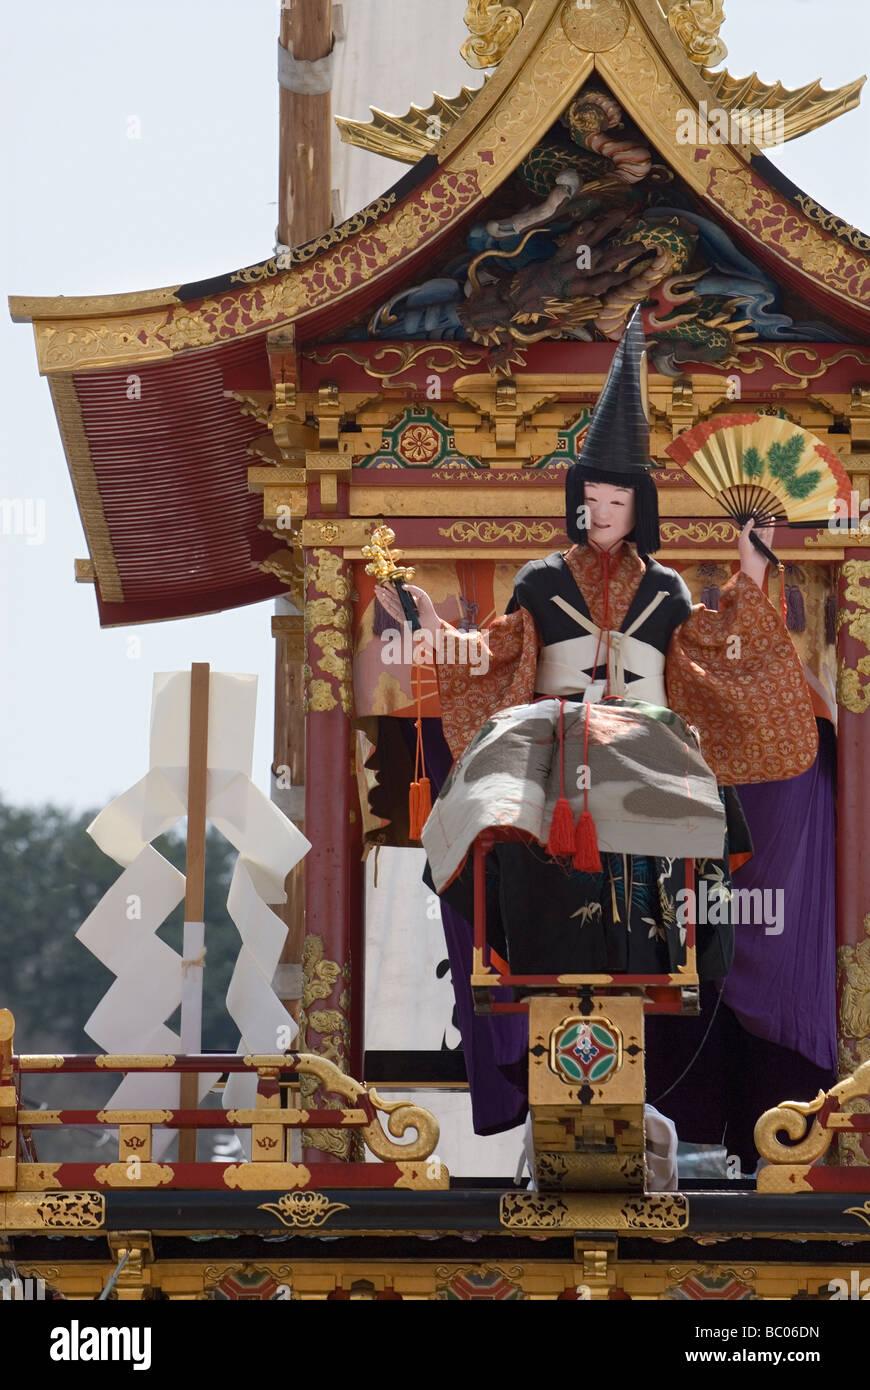 Einer mechanischen Marionette oder Puppe sitzt auf einer verzierten traditionelle hölzerne Schwimmer während Stockbild